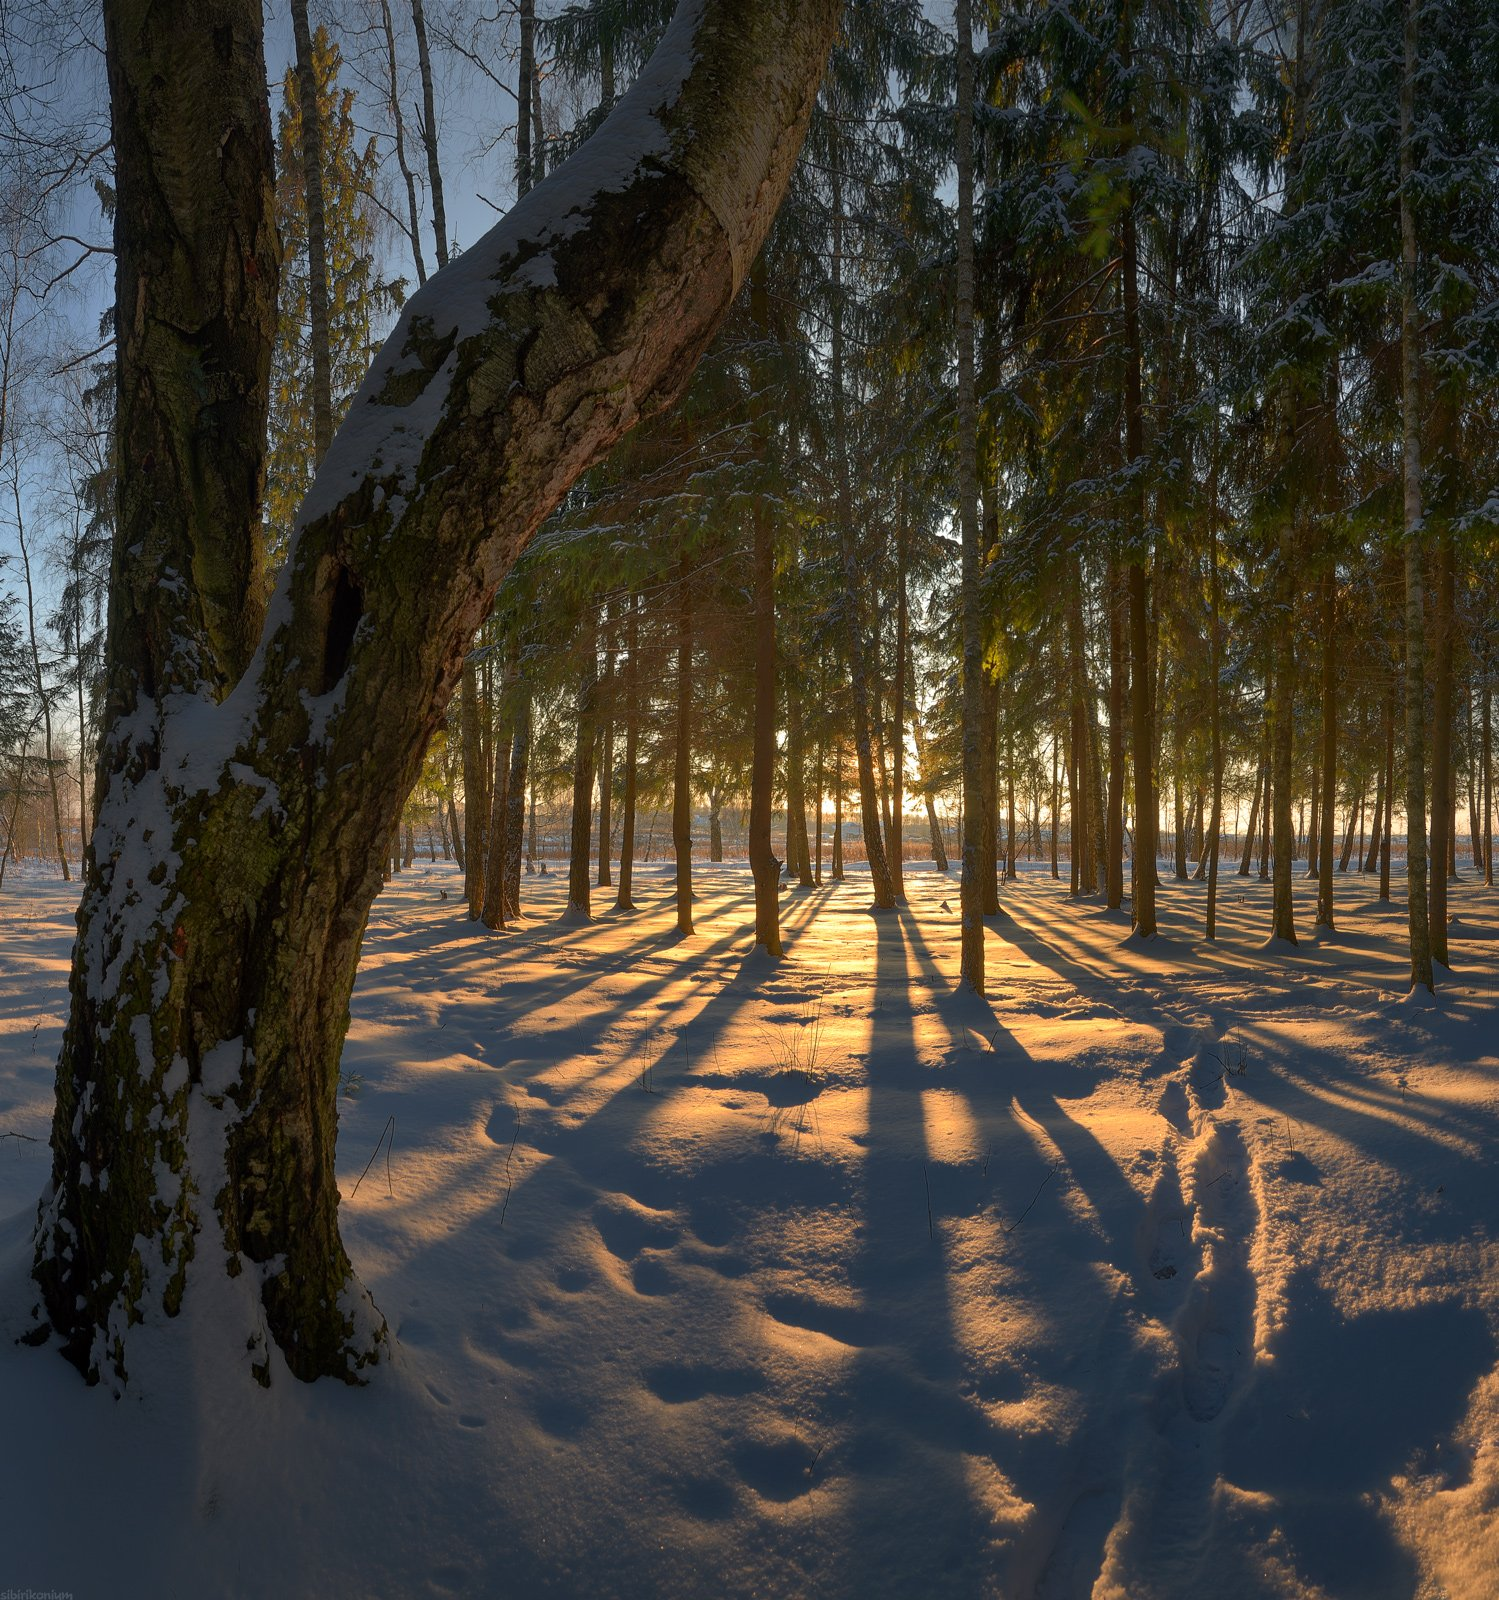 #снег #пейзаж #лес #подмосковье #дерево #закат #вечер #свет #чехов, Морозов Юрий